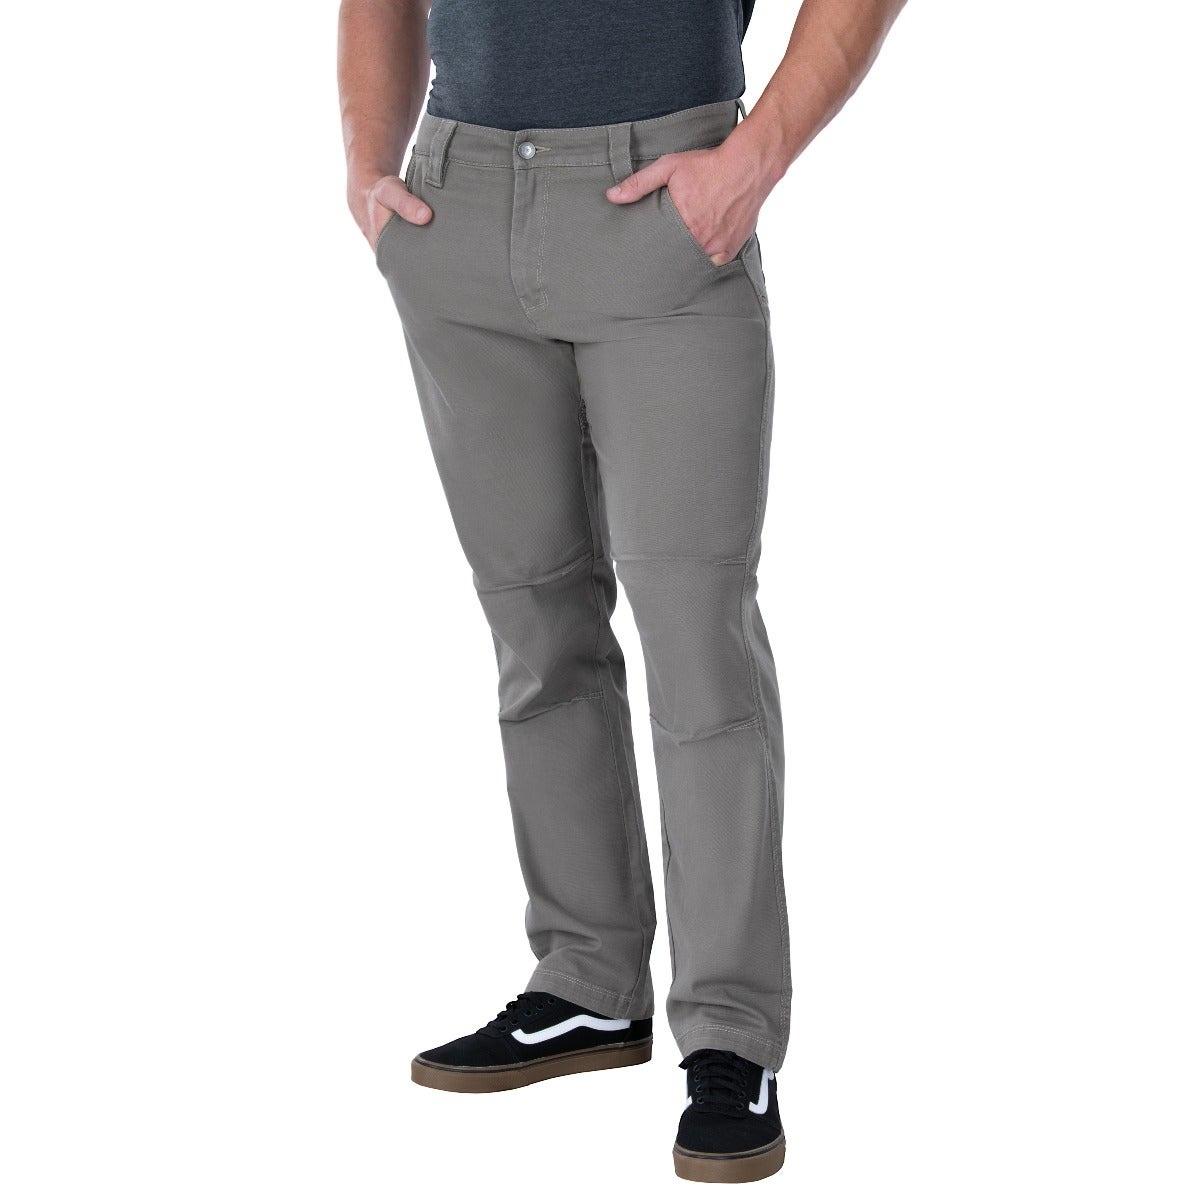 Vertx Vertx Delta Stretch 2.0 Men's Pant